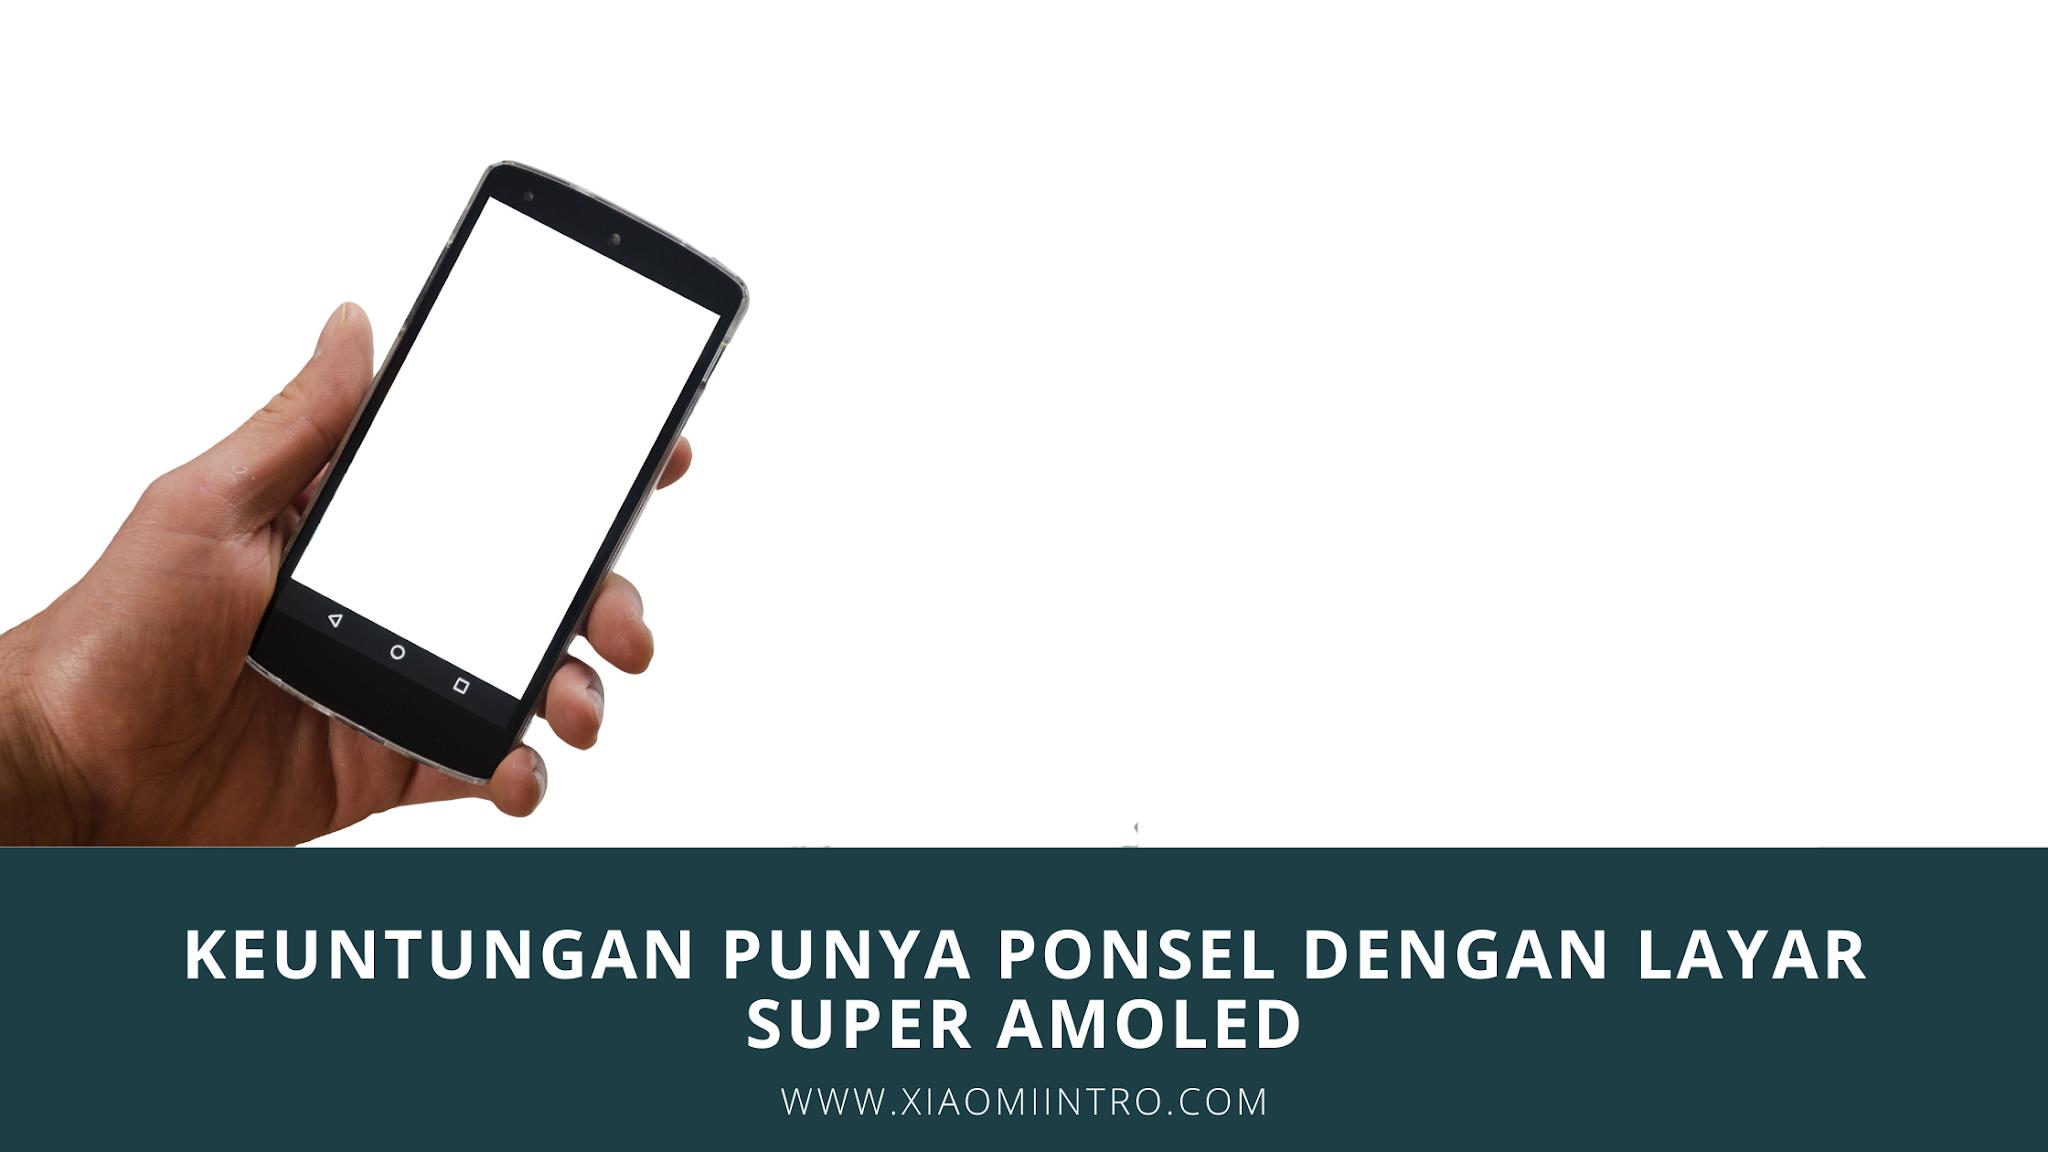 Keuntungan Punya Ponsel Dengan Layar Super Amoled